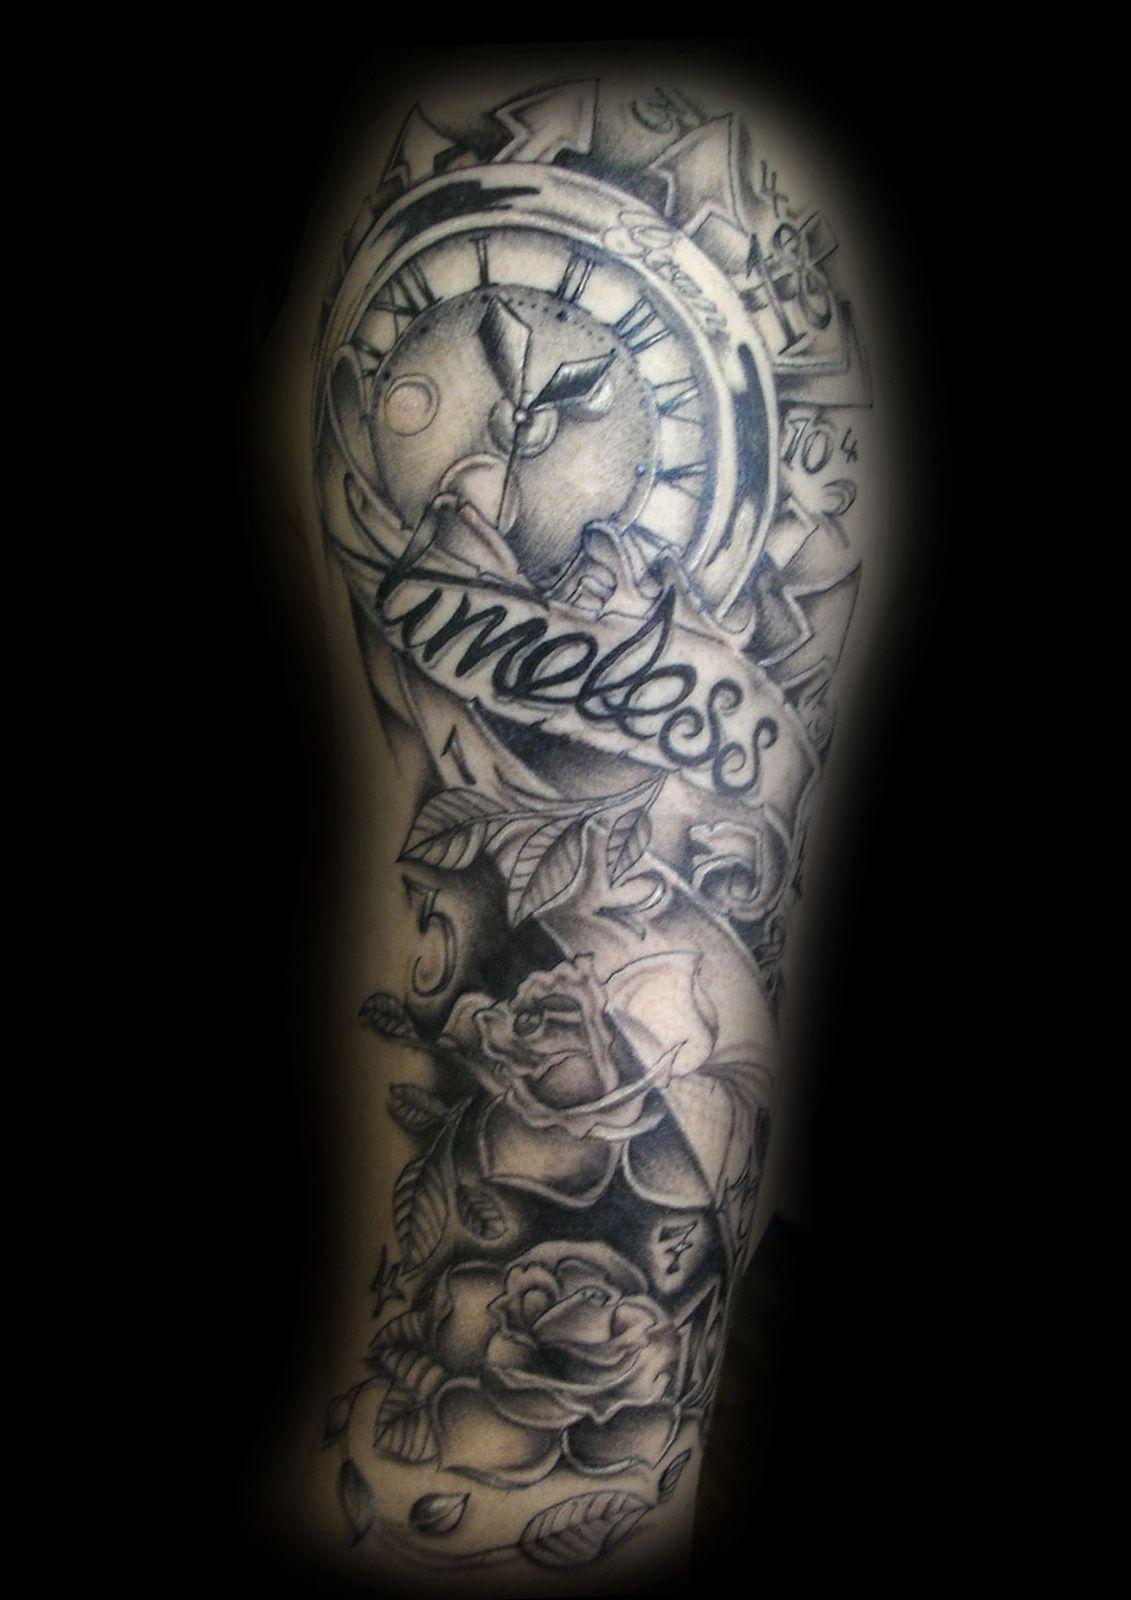 Pin Timeless Clock Tattoo Cool Eyecatching Tatoos on